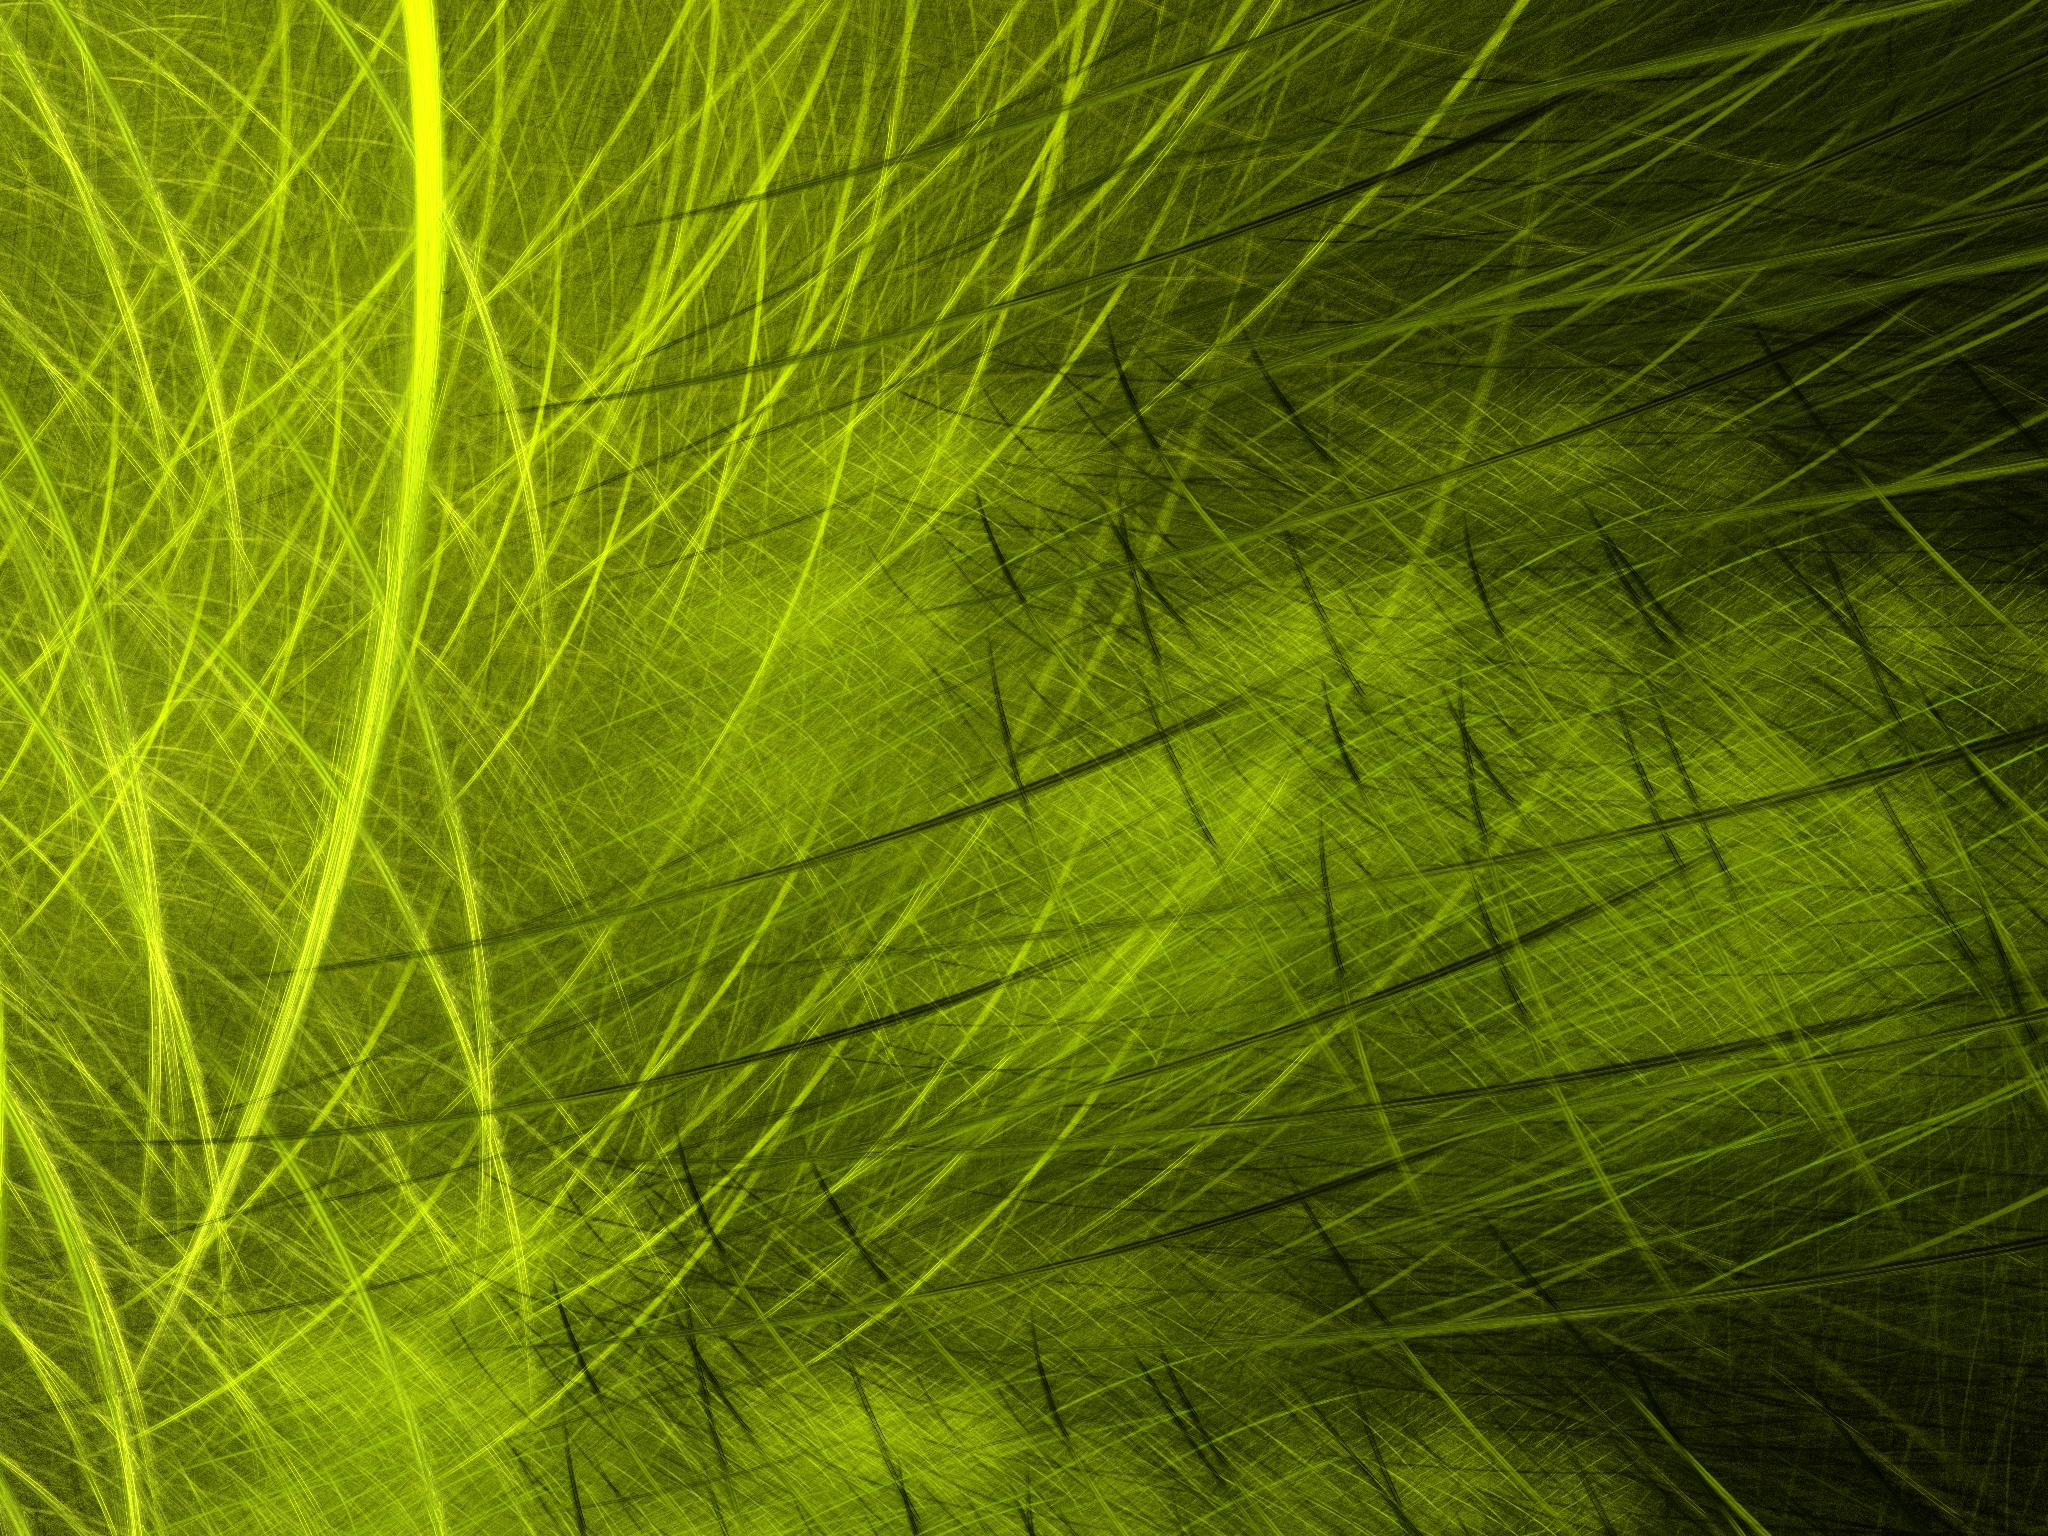 Apophysis Software Green Lines Digital Art Artistic 2048x1536